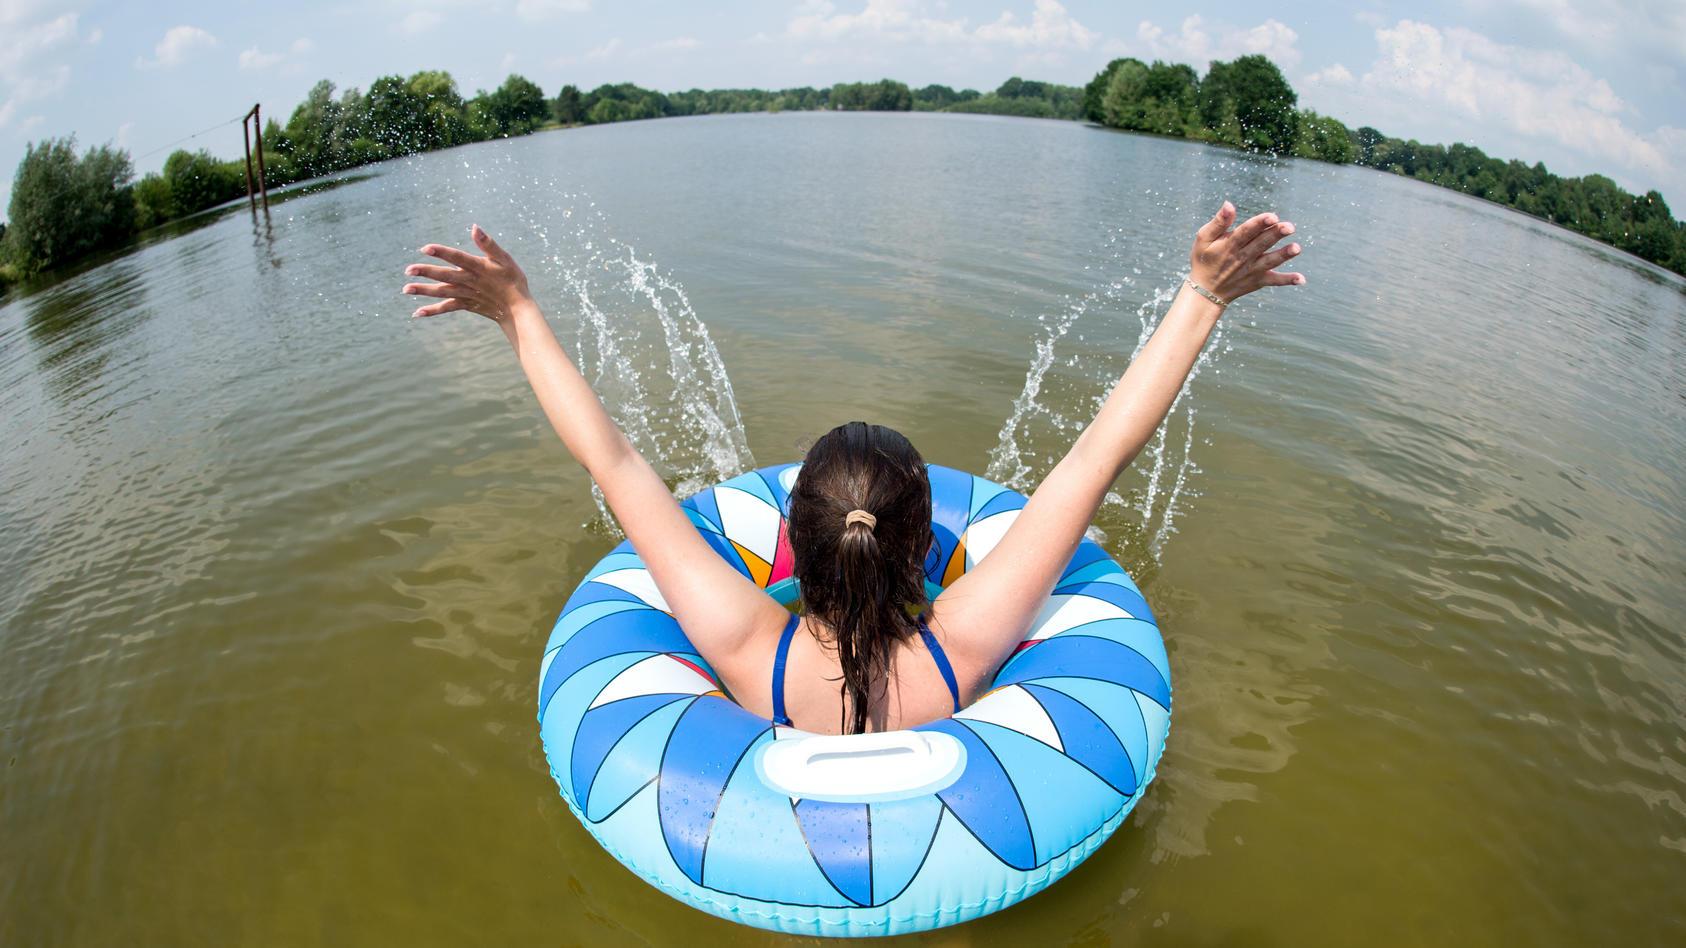 Ein junge Frau badet mit einem Schwimmreifen.